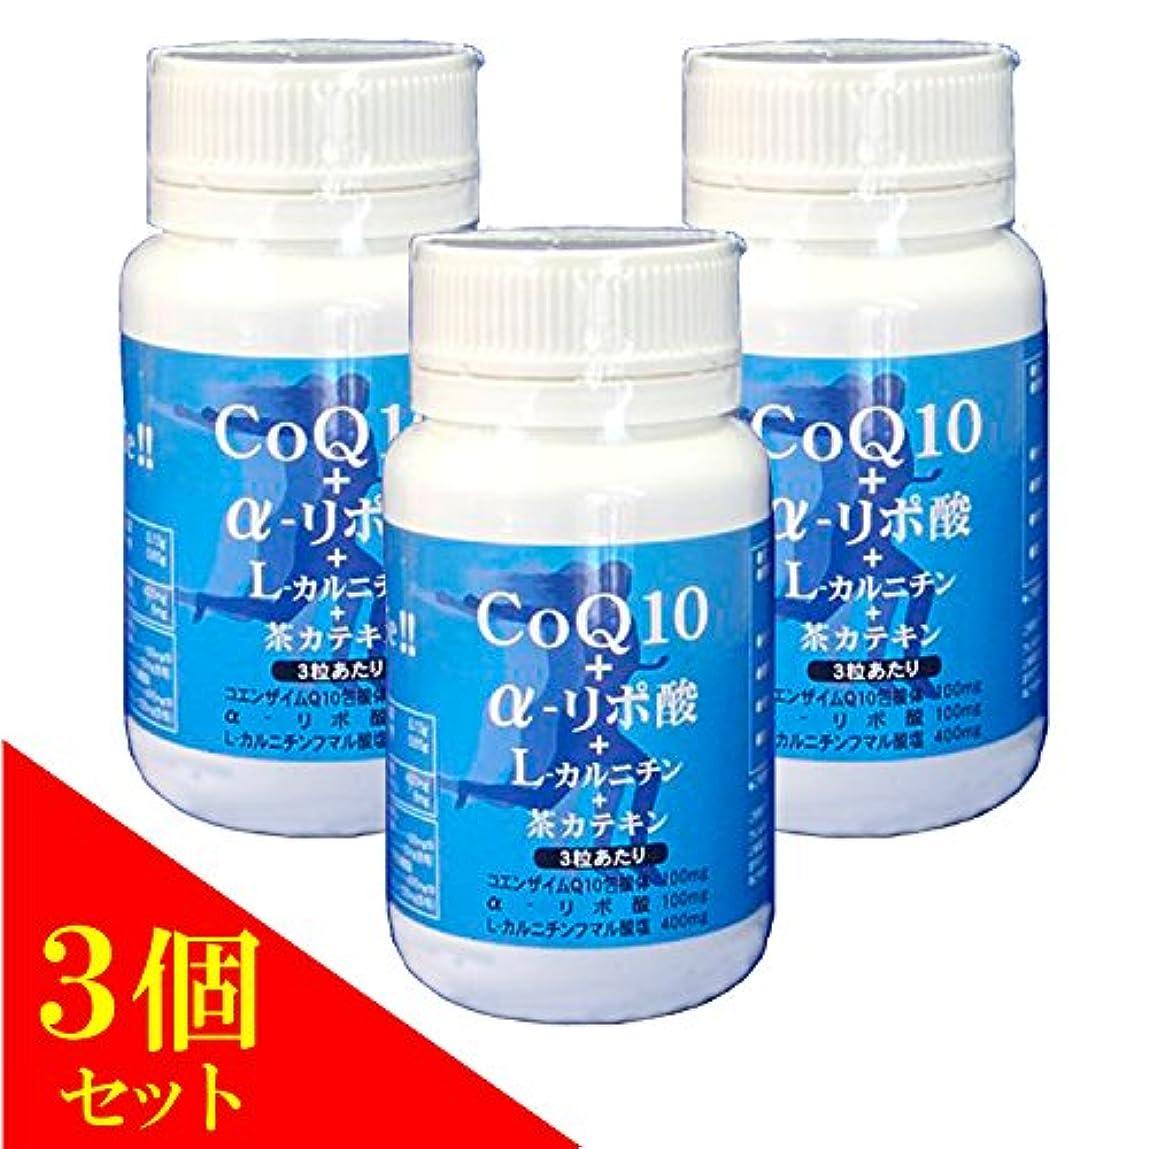 差し控える悪の毎月(3個)マーキュリーCoQ10+αリポ酸+L-カルニチン+茶カテキン 90粒×3個セット(4947041260283